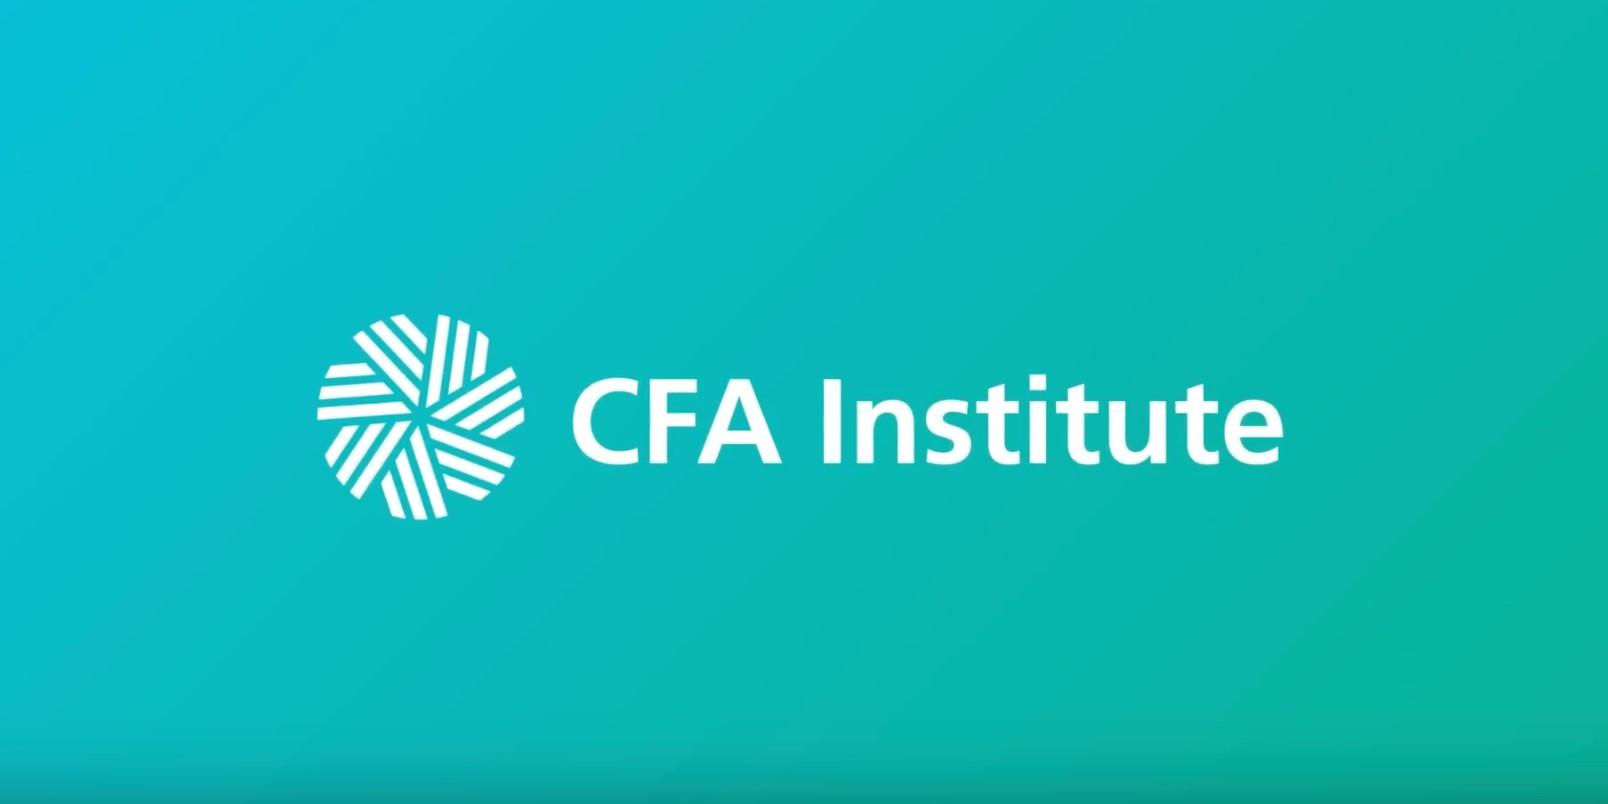 Lệ Phí CFA Kỳ Thi Tháng 06/2020 Và Tháng 12/2020